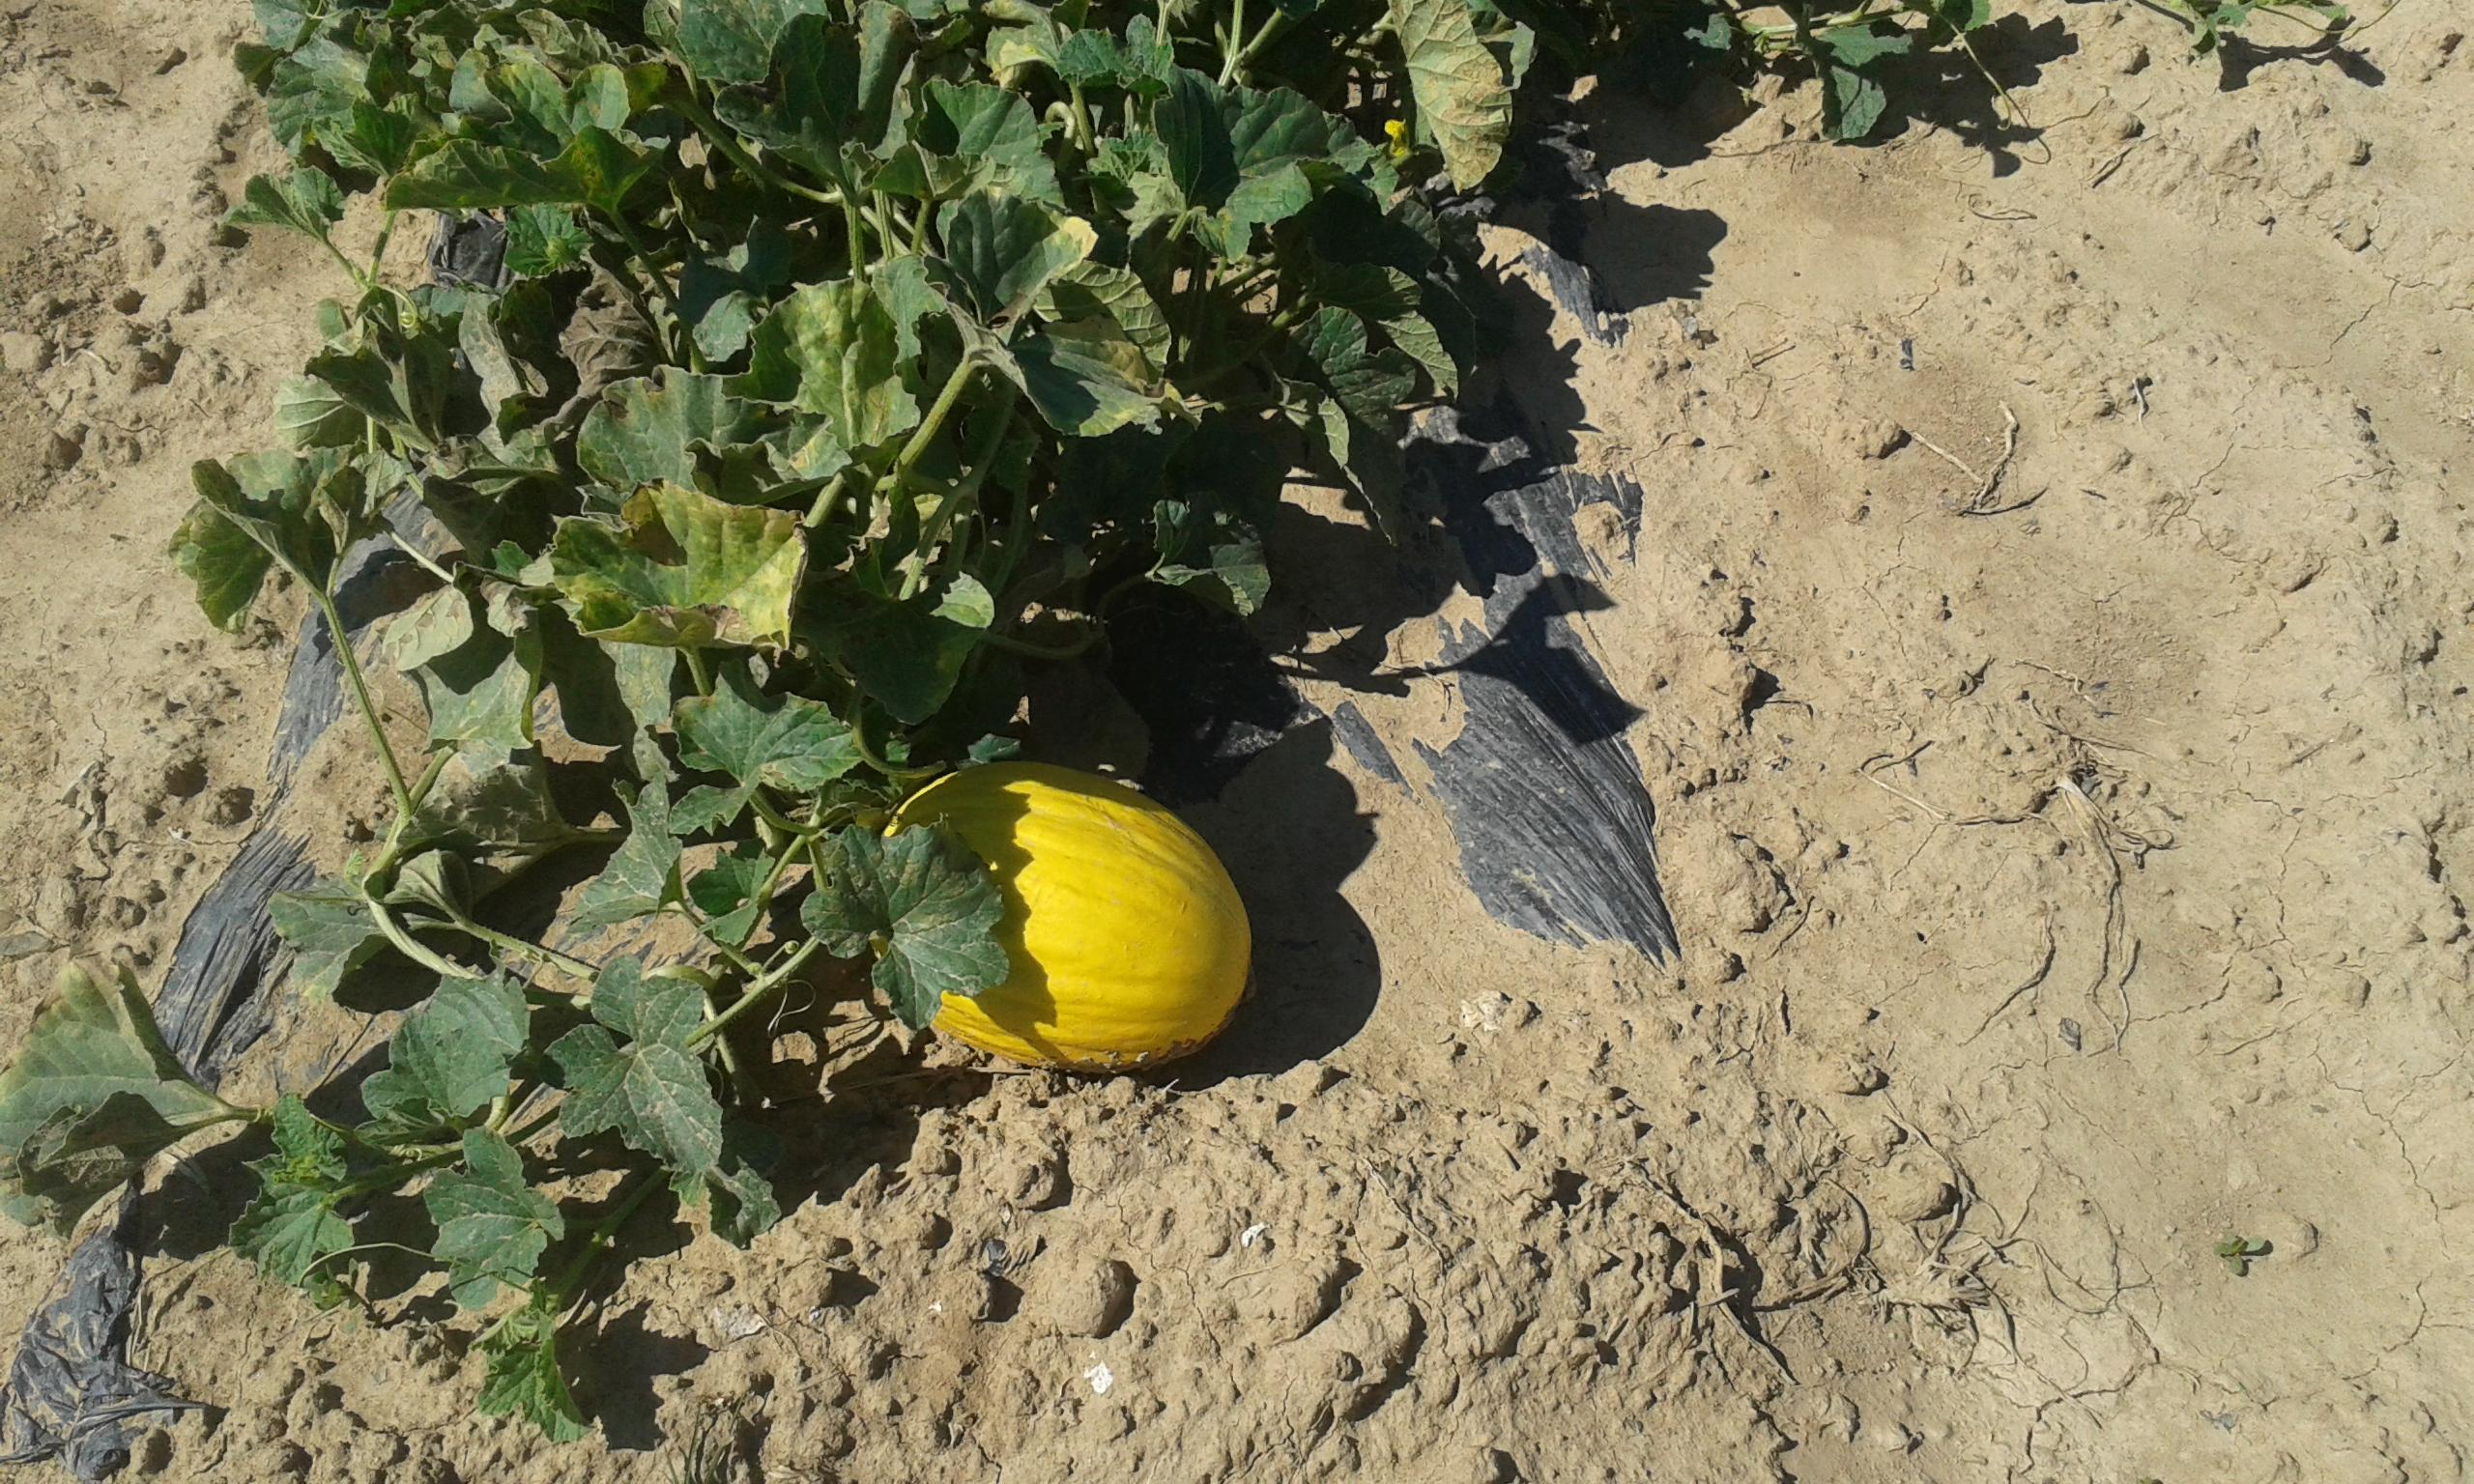 piante di melone